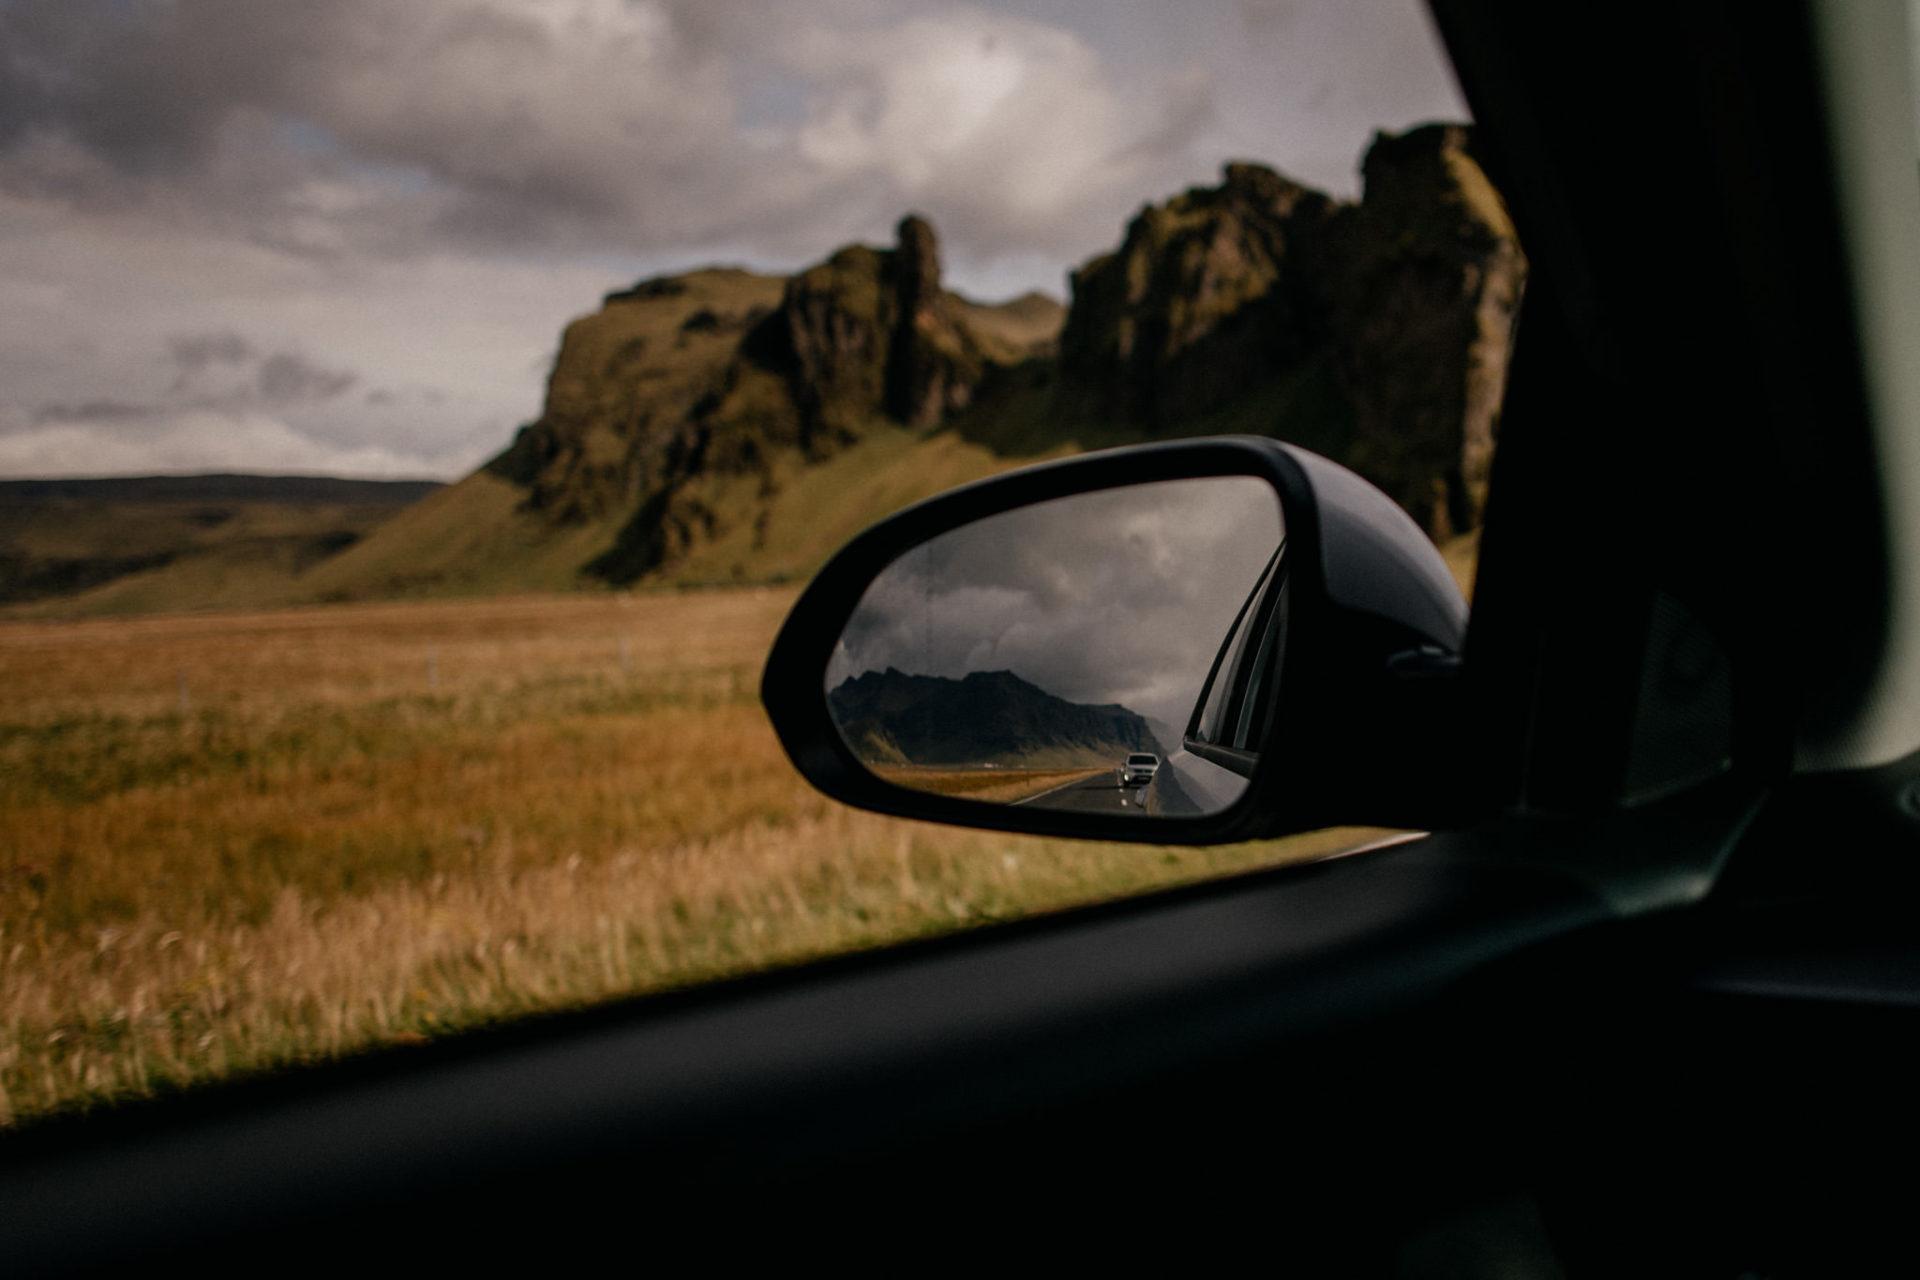 Verlobungsfotos-Island-Abeuteuer-Foto-Session-Roadtrip-island erkunden-Mietwagen Hertz